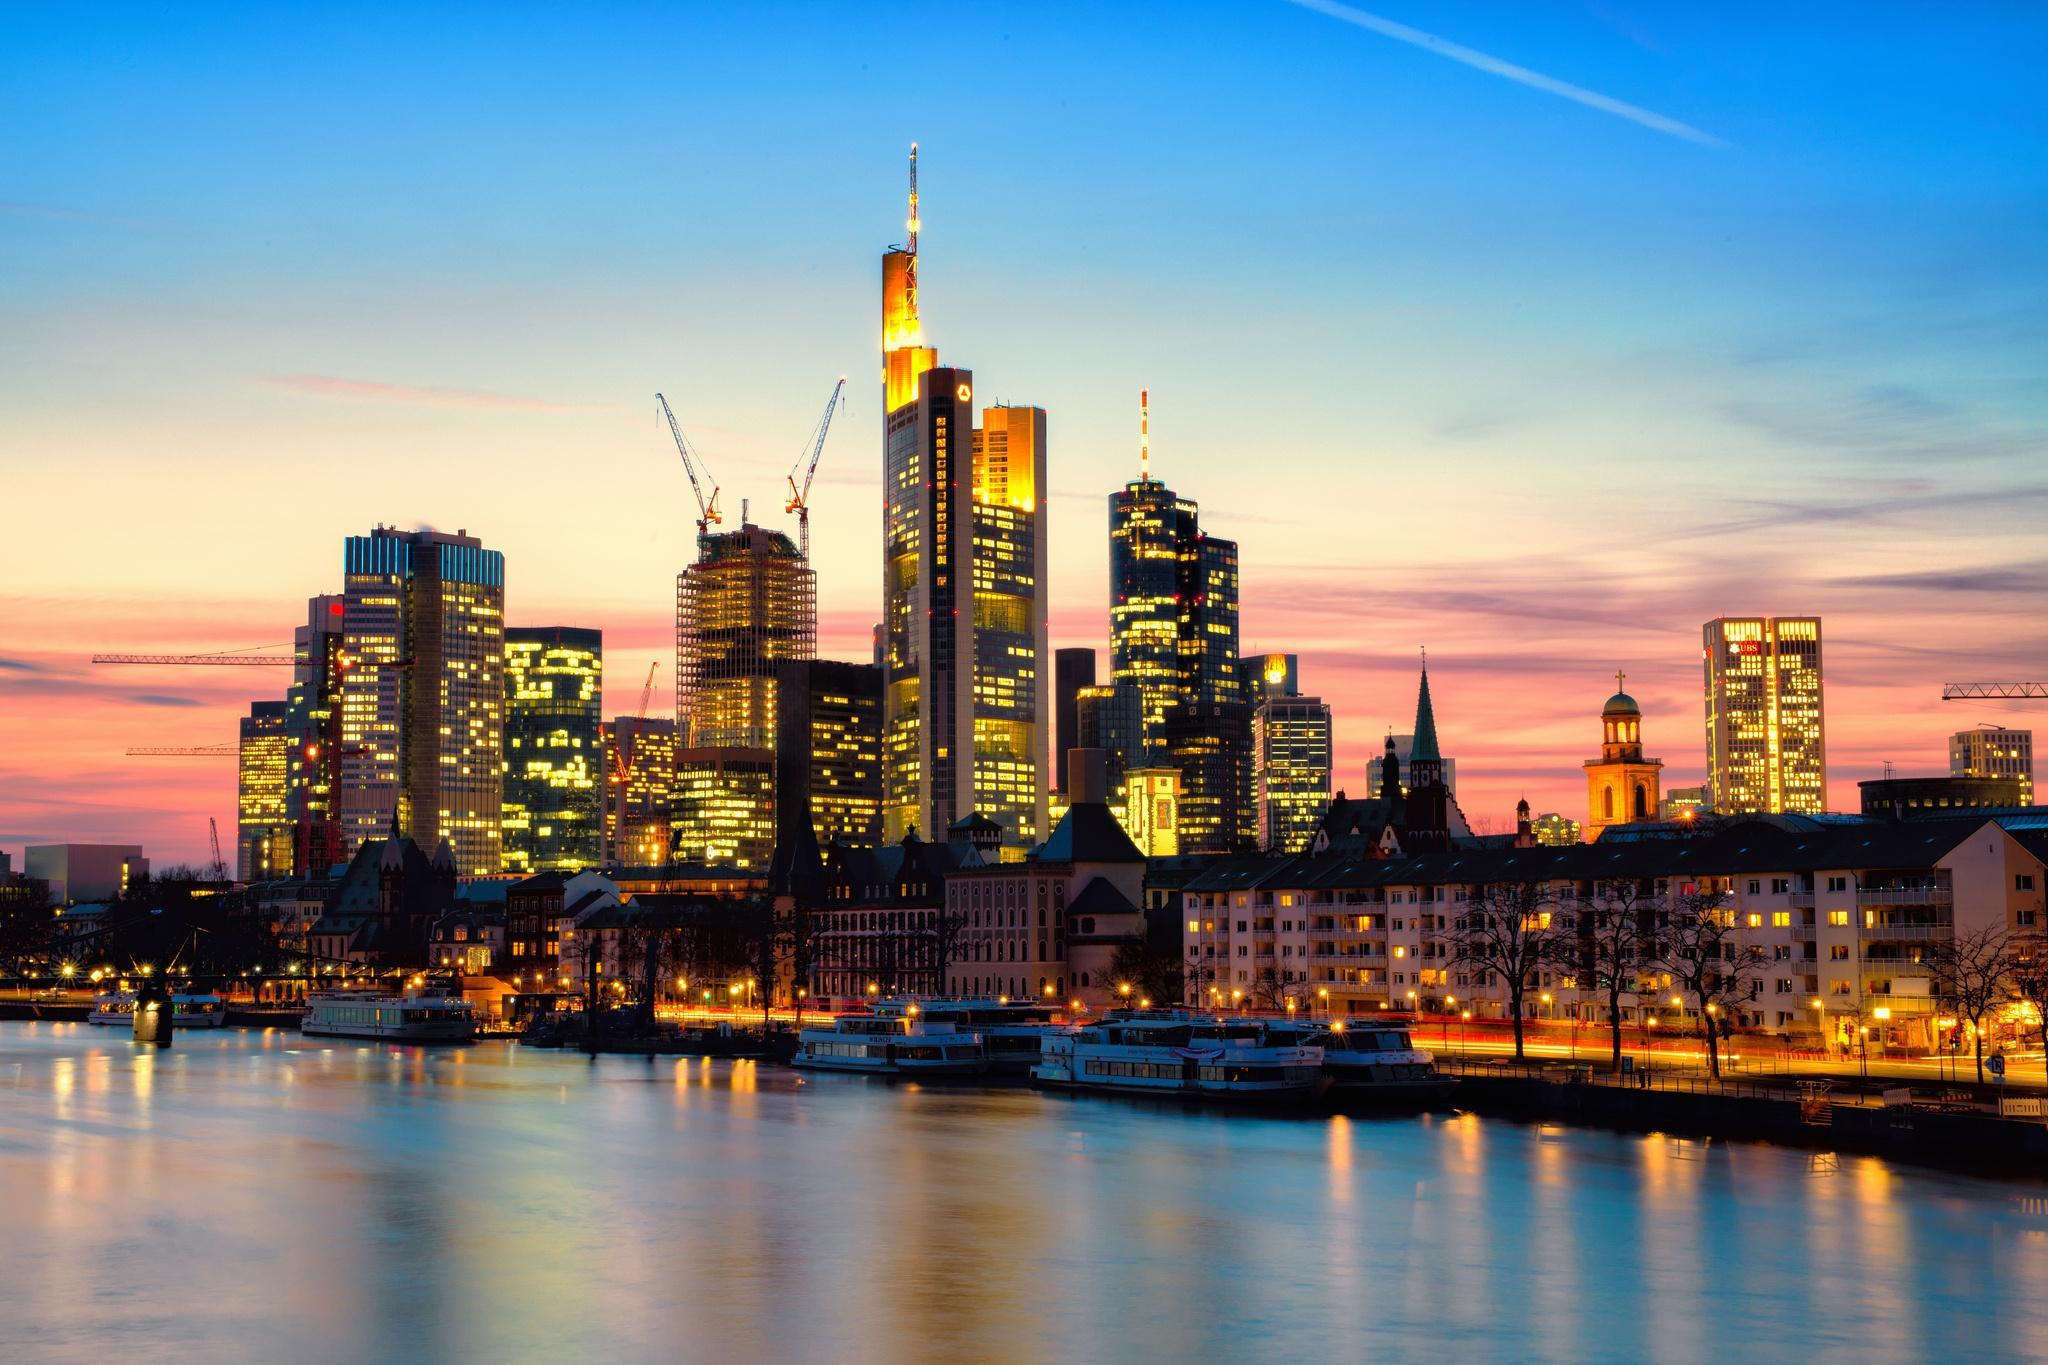 страны архитектура Франкфурт-на-Майне Германия  № 1467995 без смс